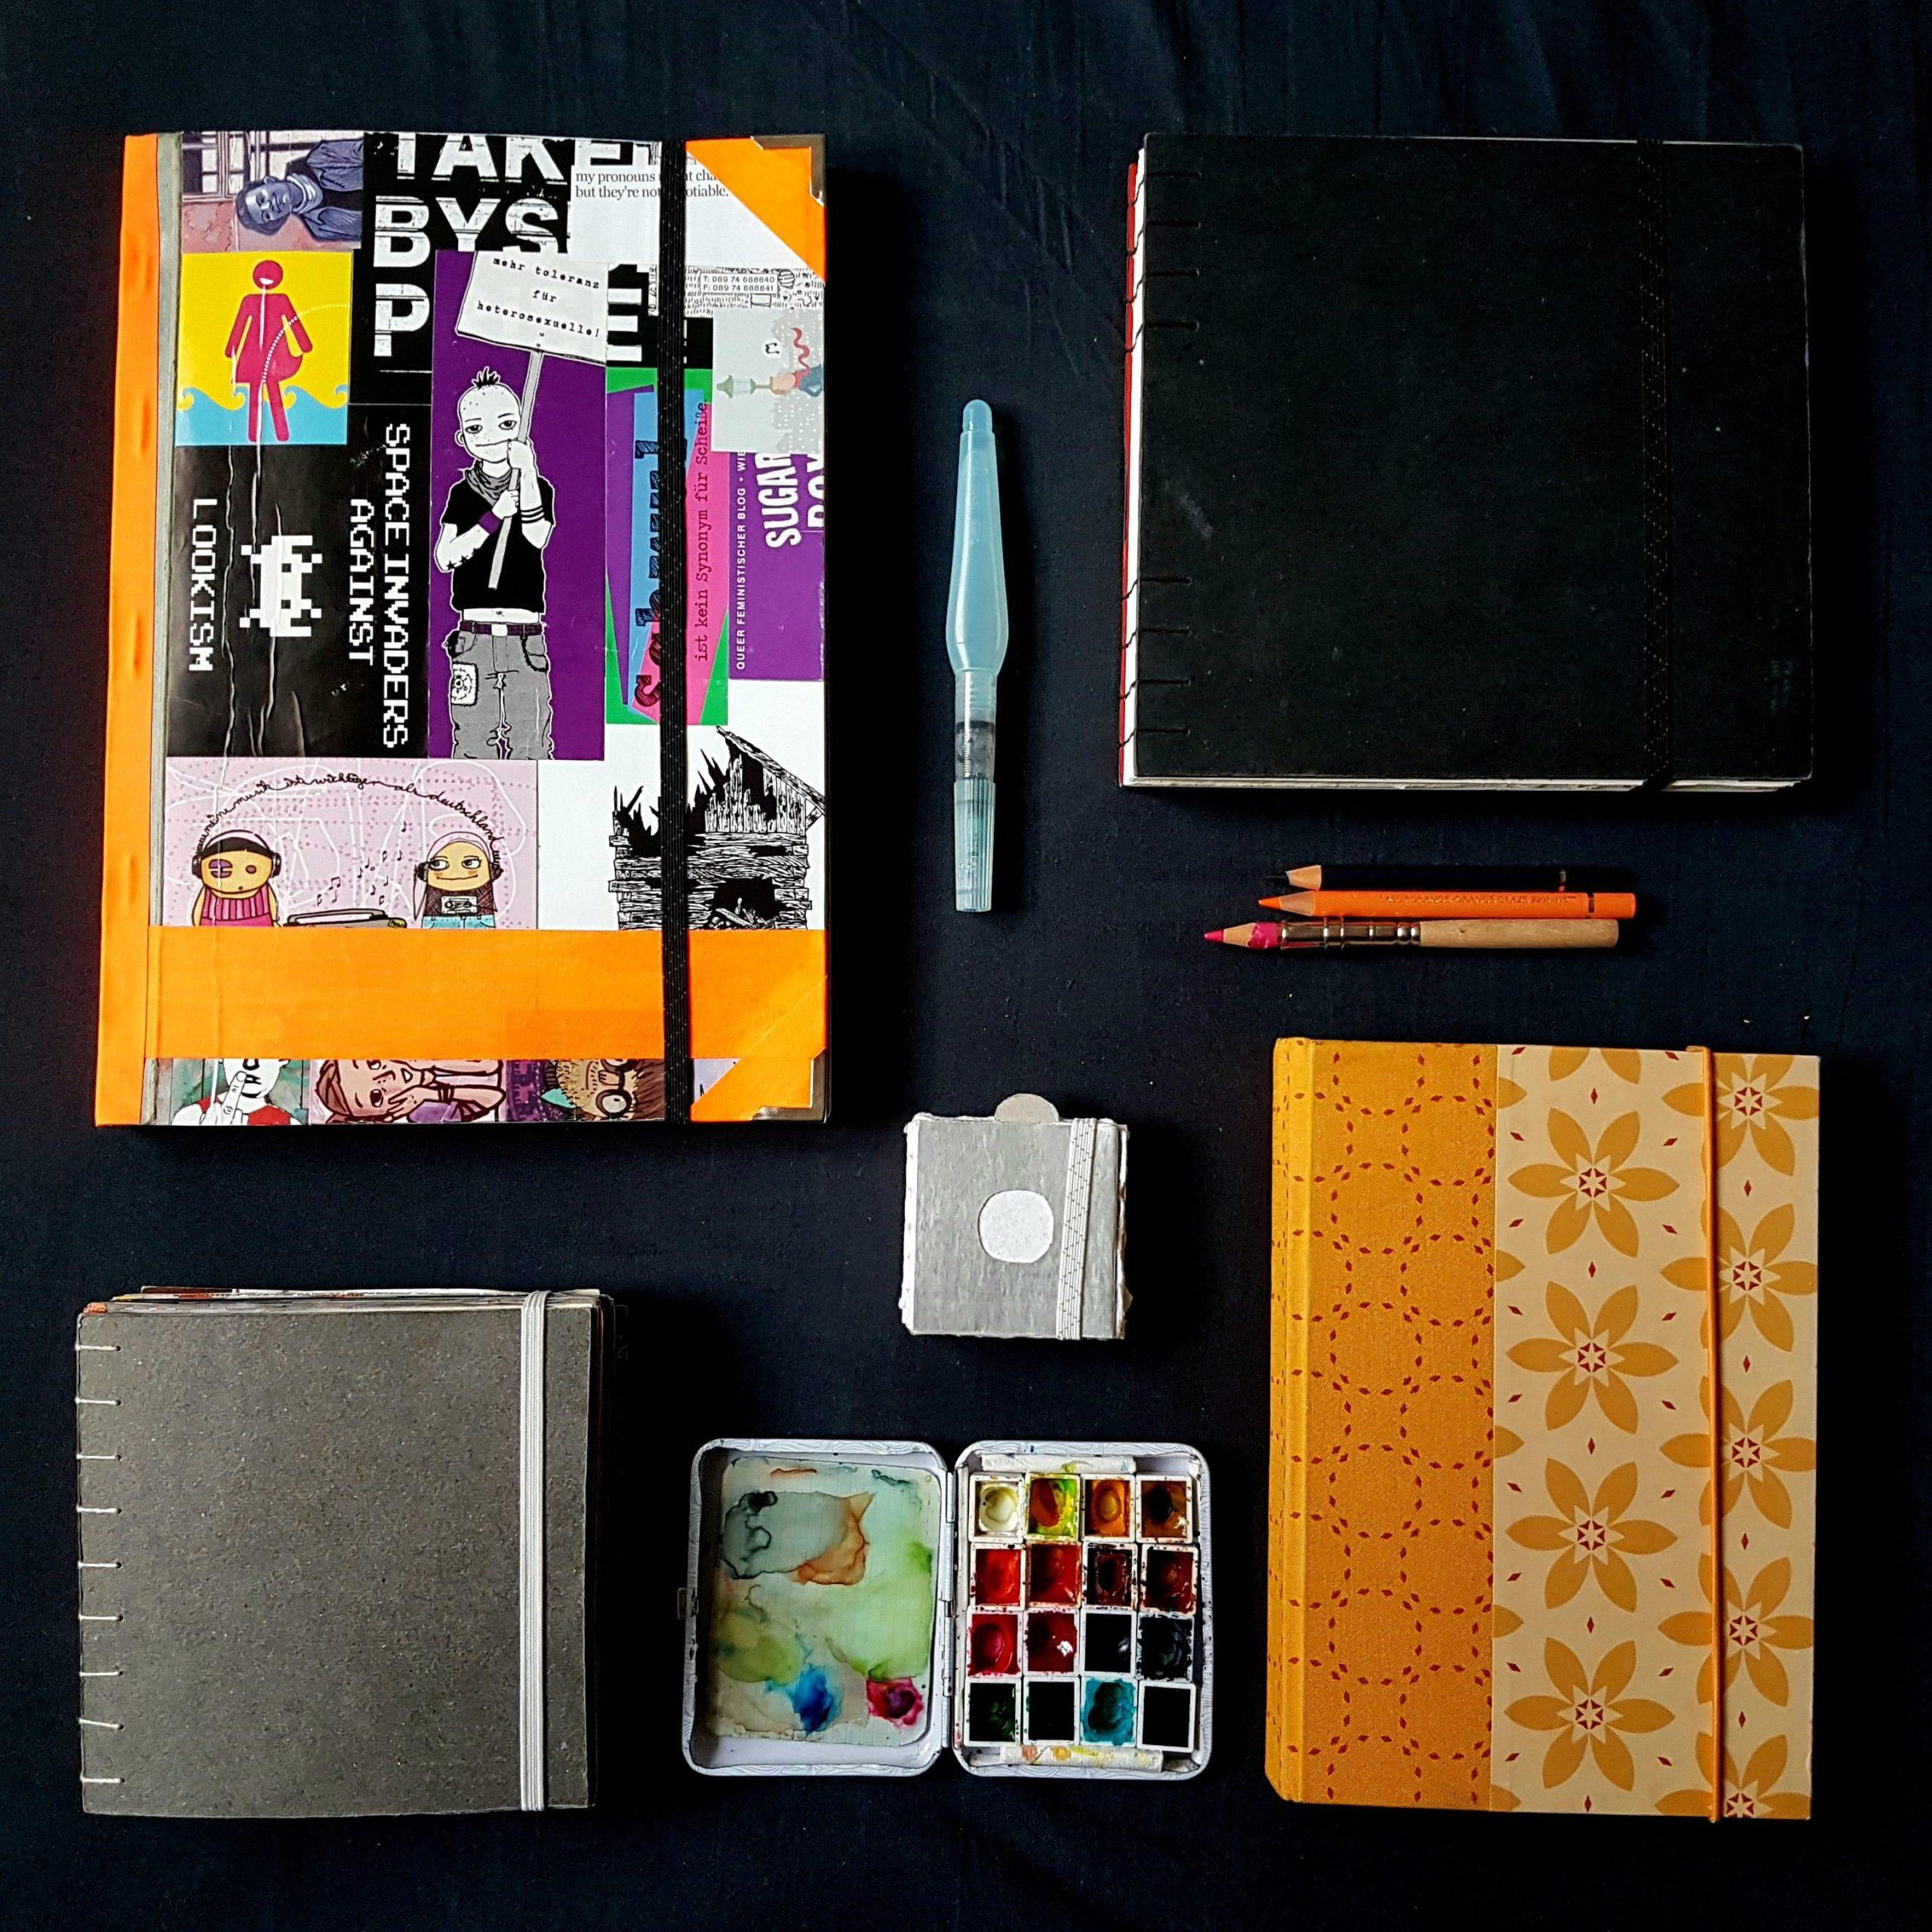 Foto: 5 unterschiedliche Skizzenbücher auf schwarze Tischdecke mit Miniaquarellkasten.